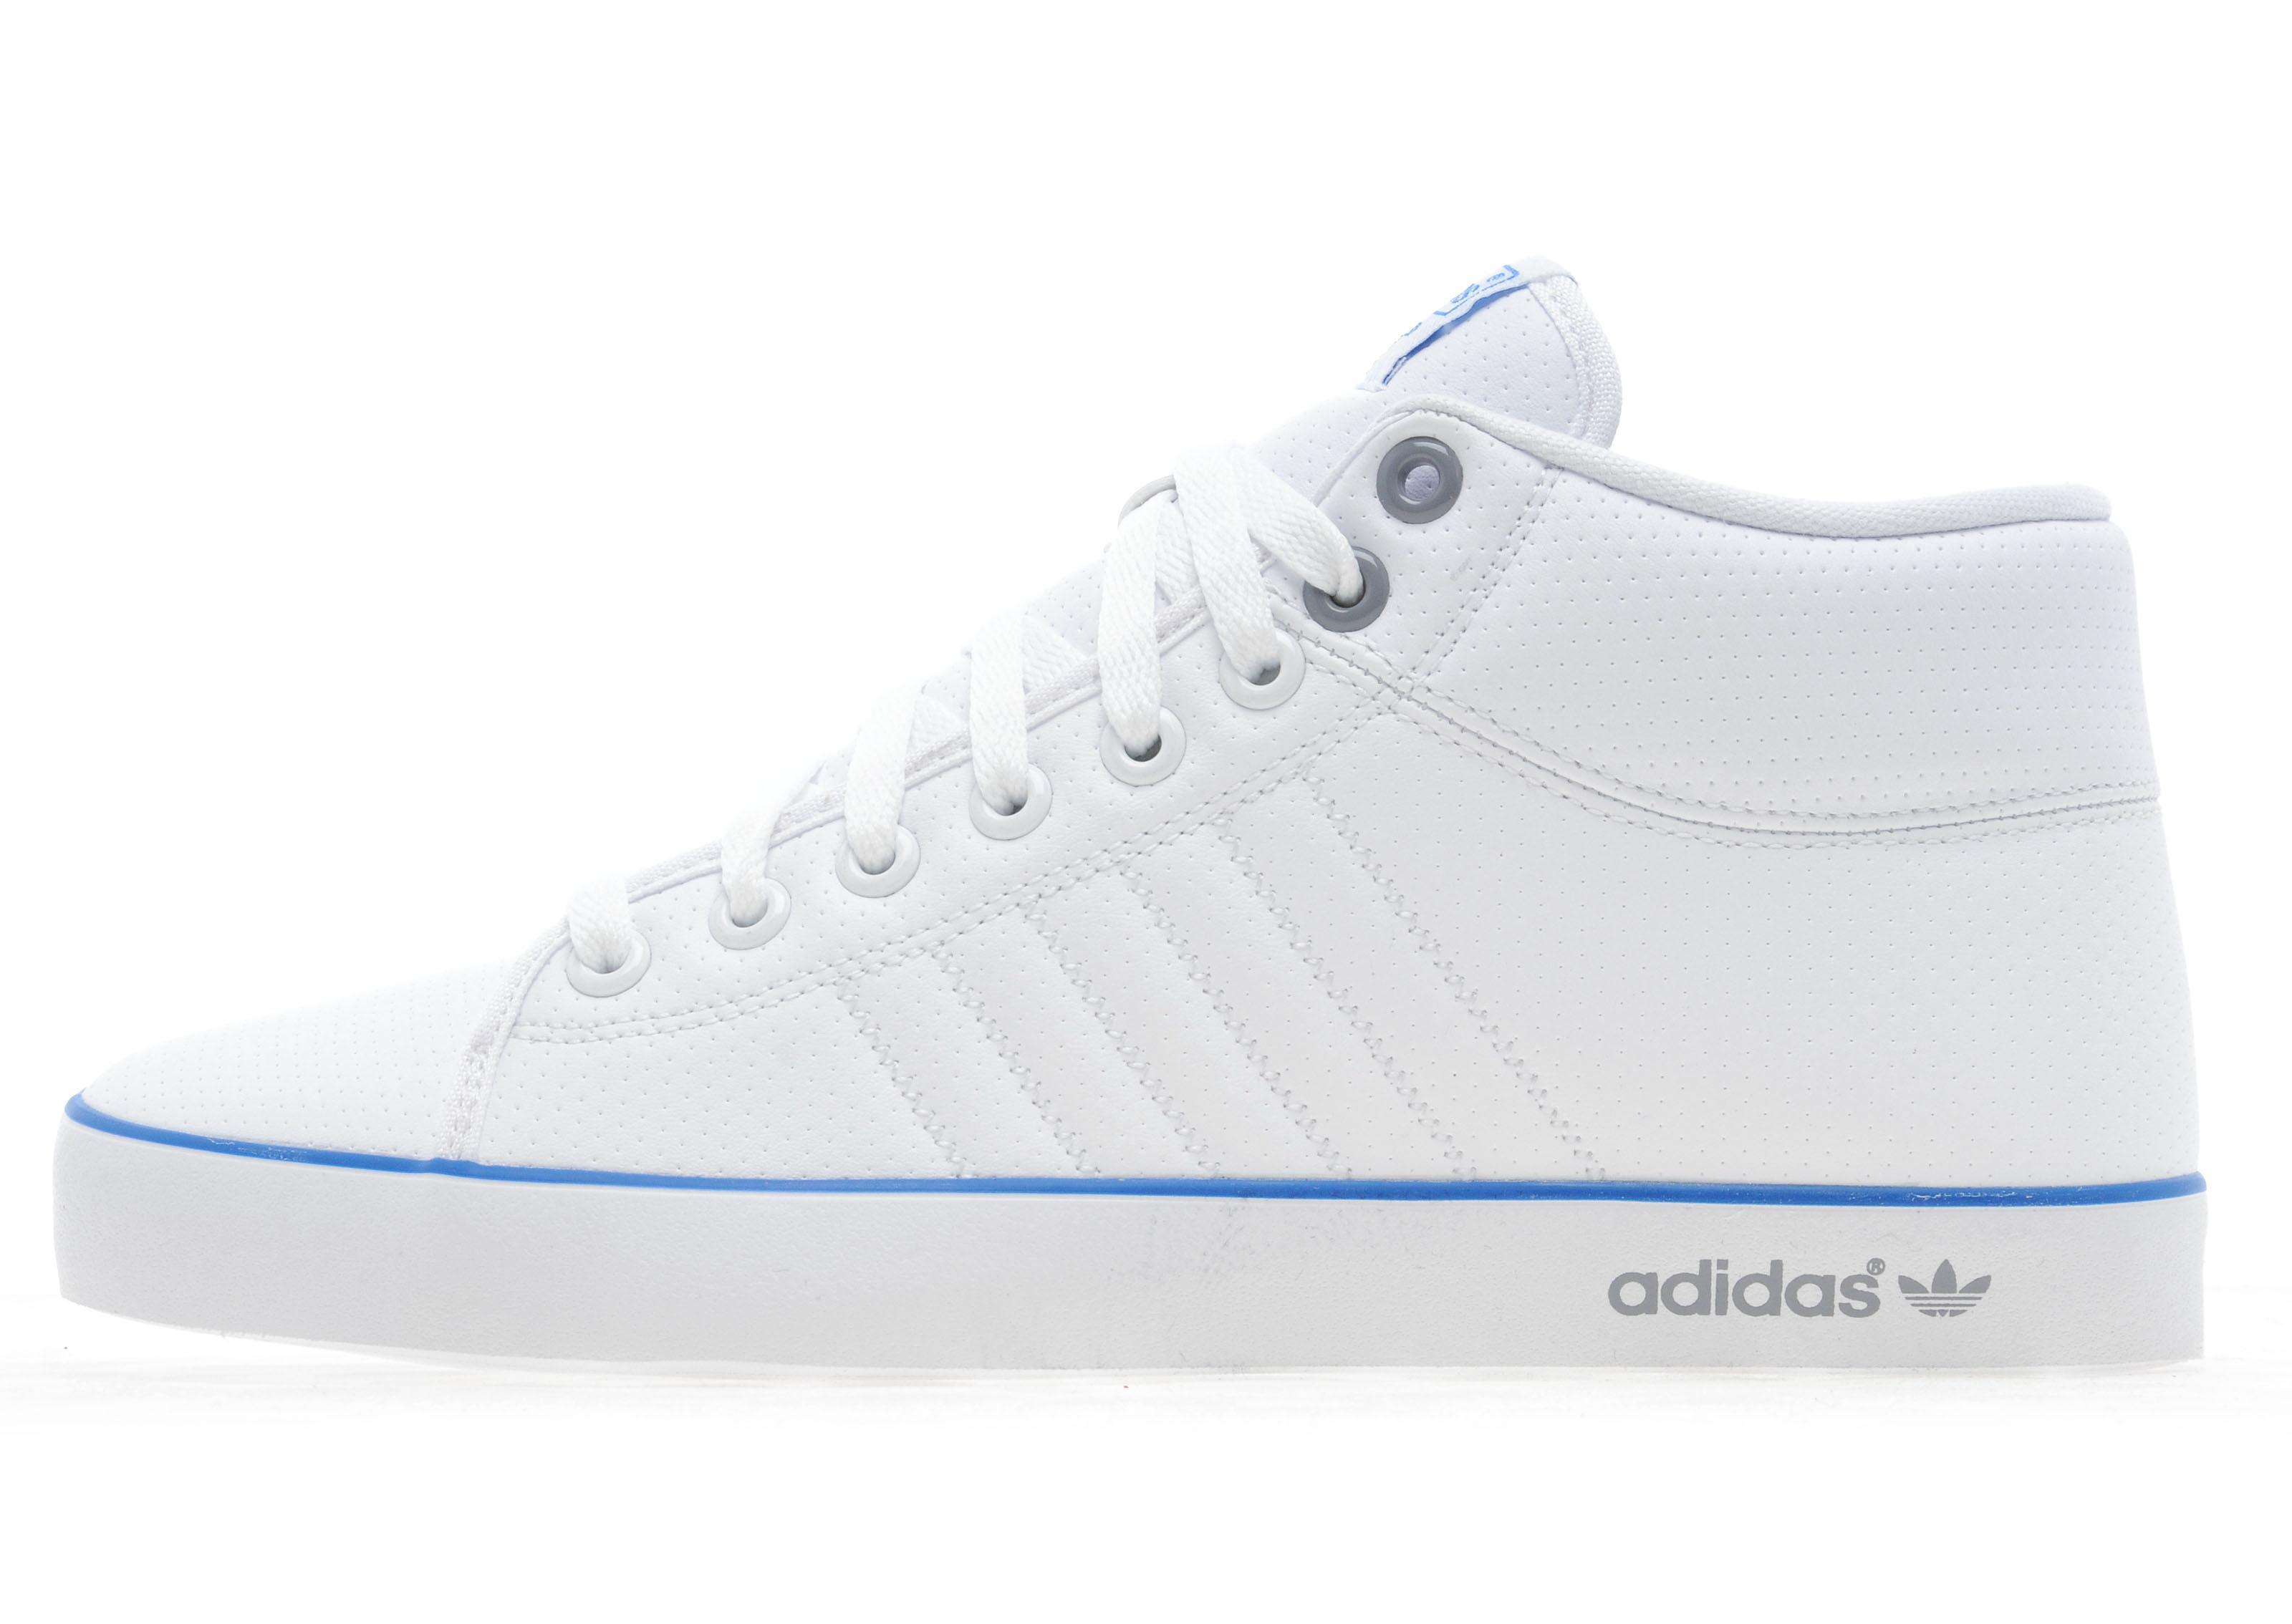 adidas originals tennis pro indoor trainer